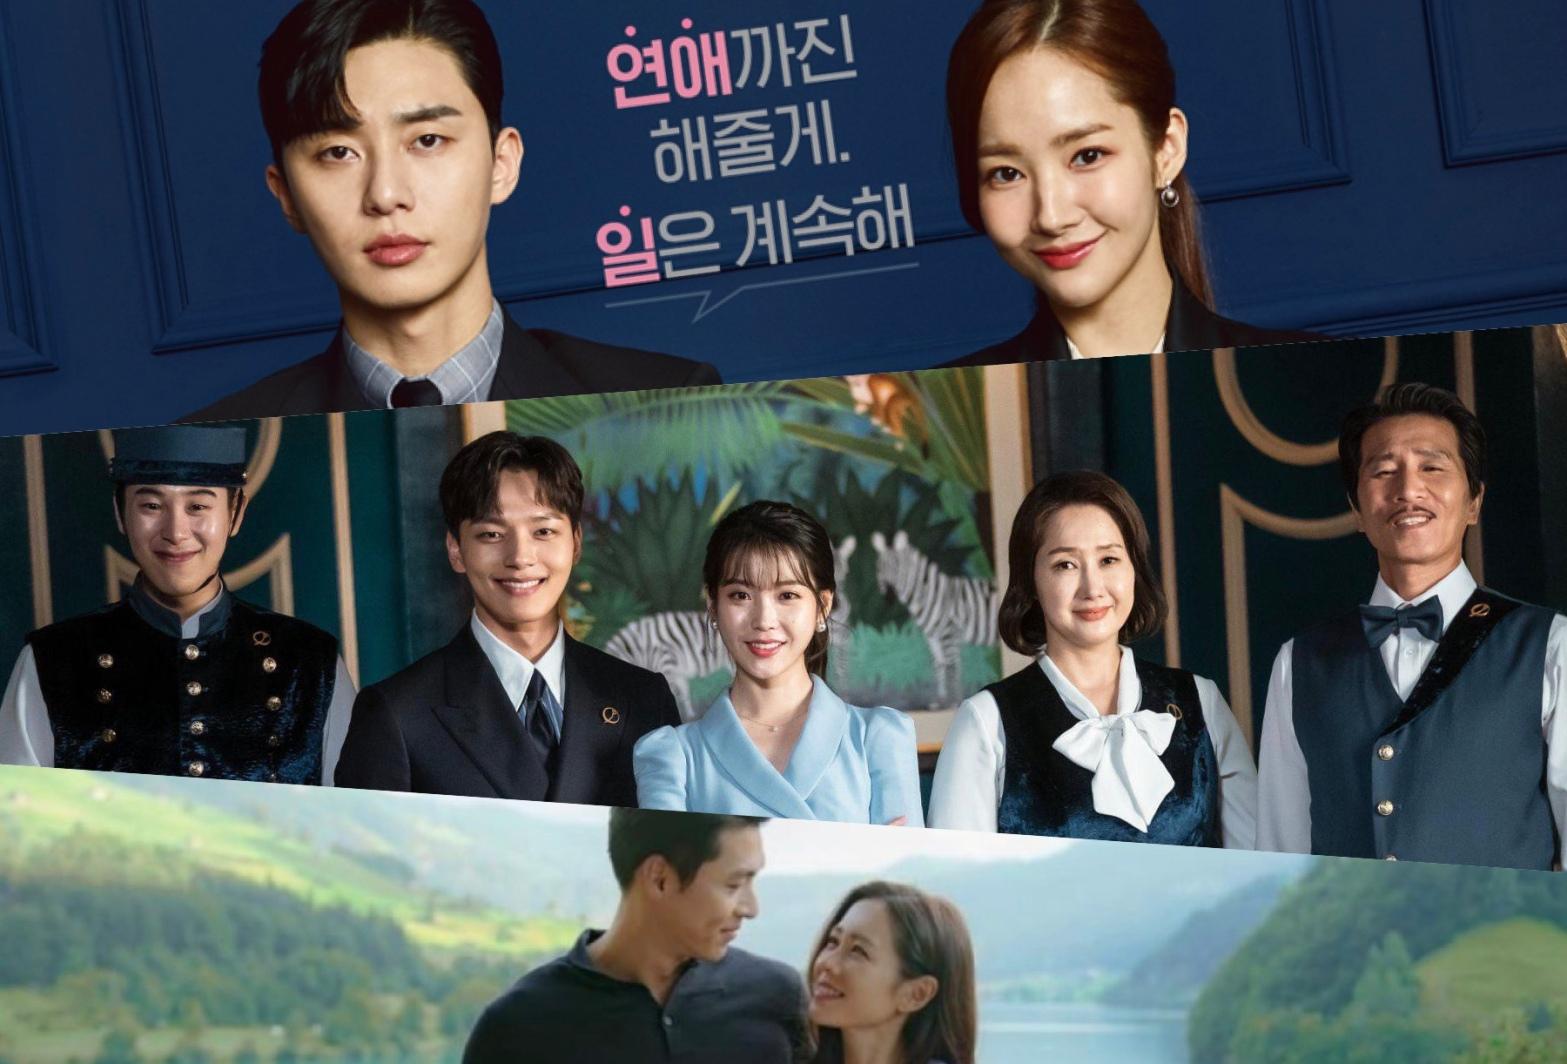 10 tvN dramas on Netflix